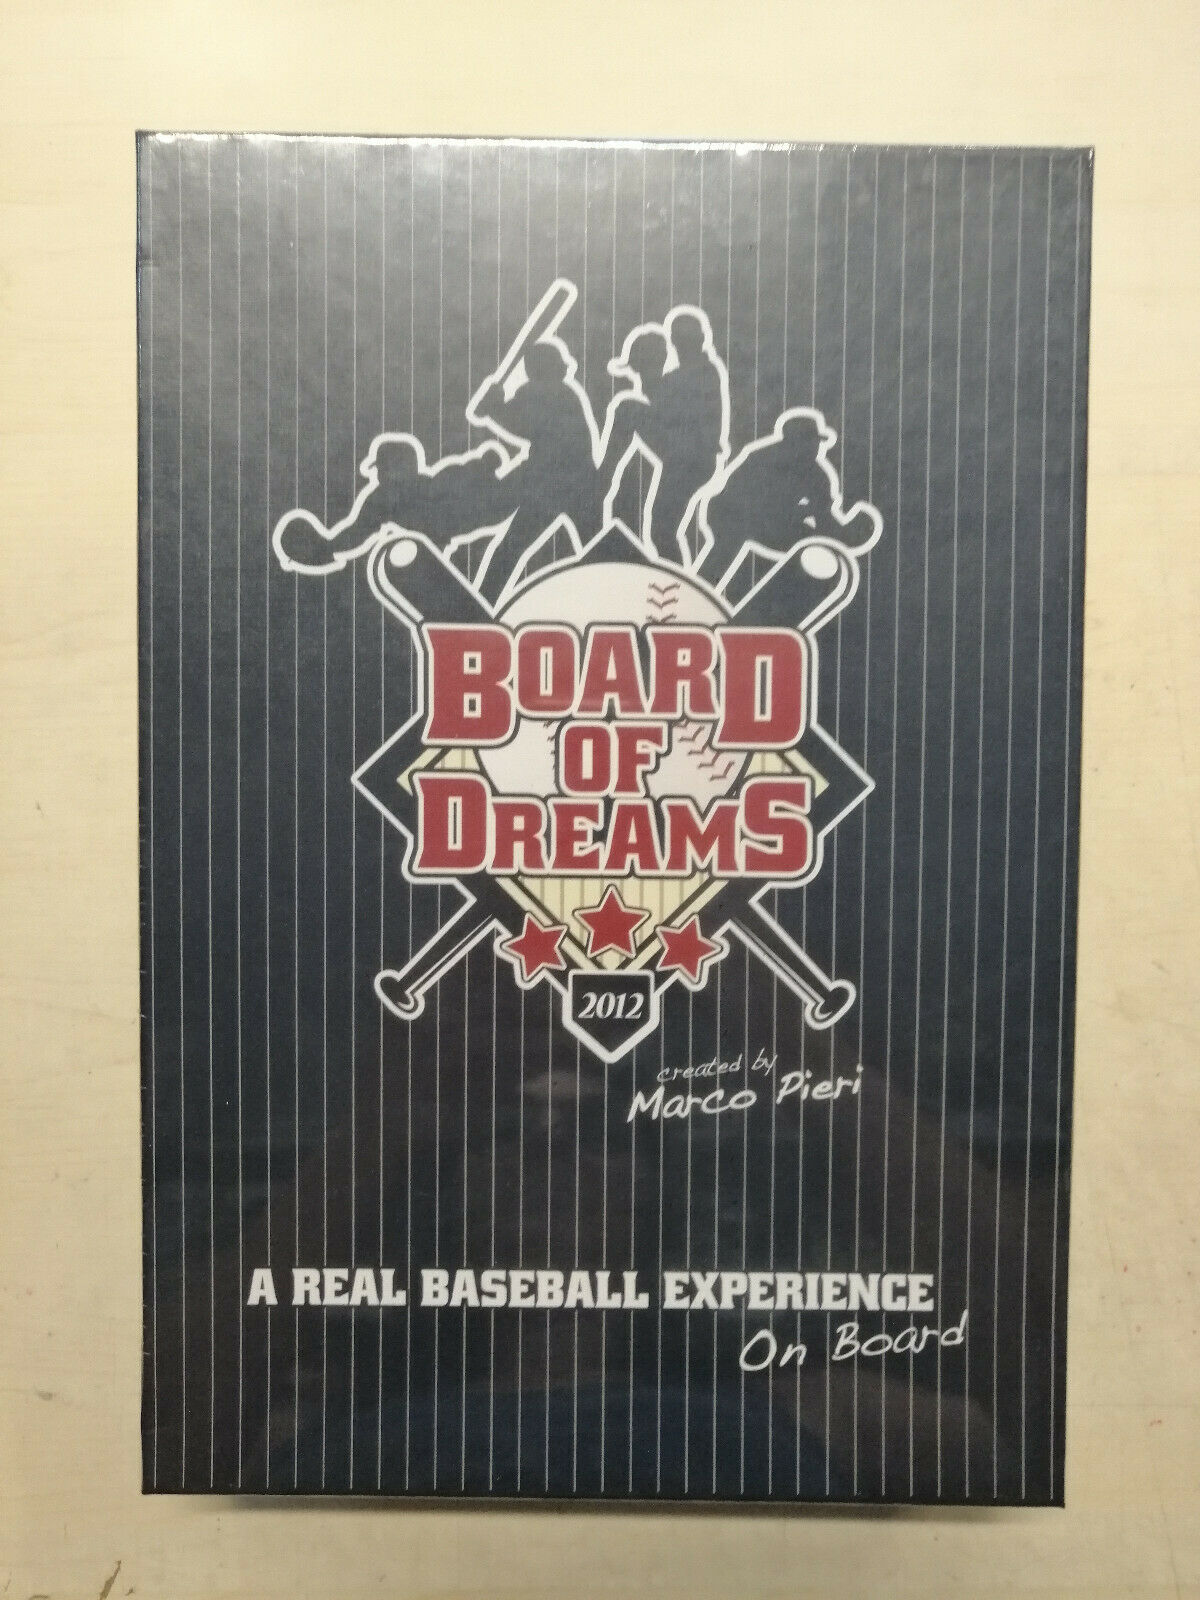 tavola of Dreams - Gioco da tavolo - 2012 -  A Real Basebtutti Experience  sconti e altro